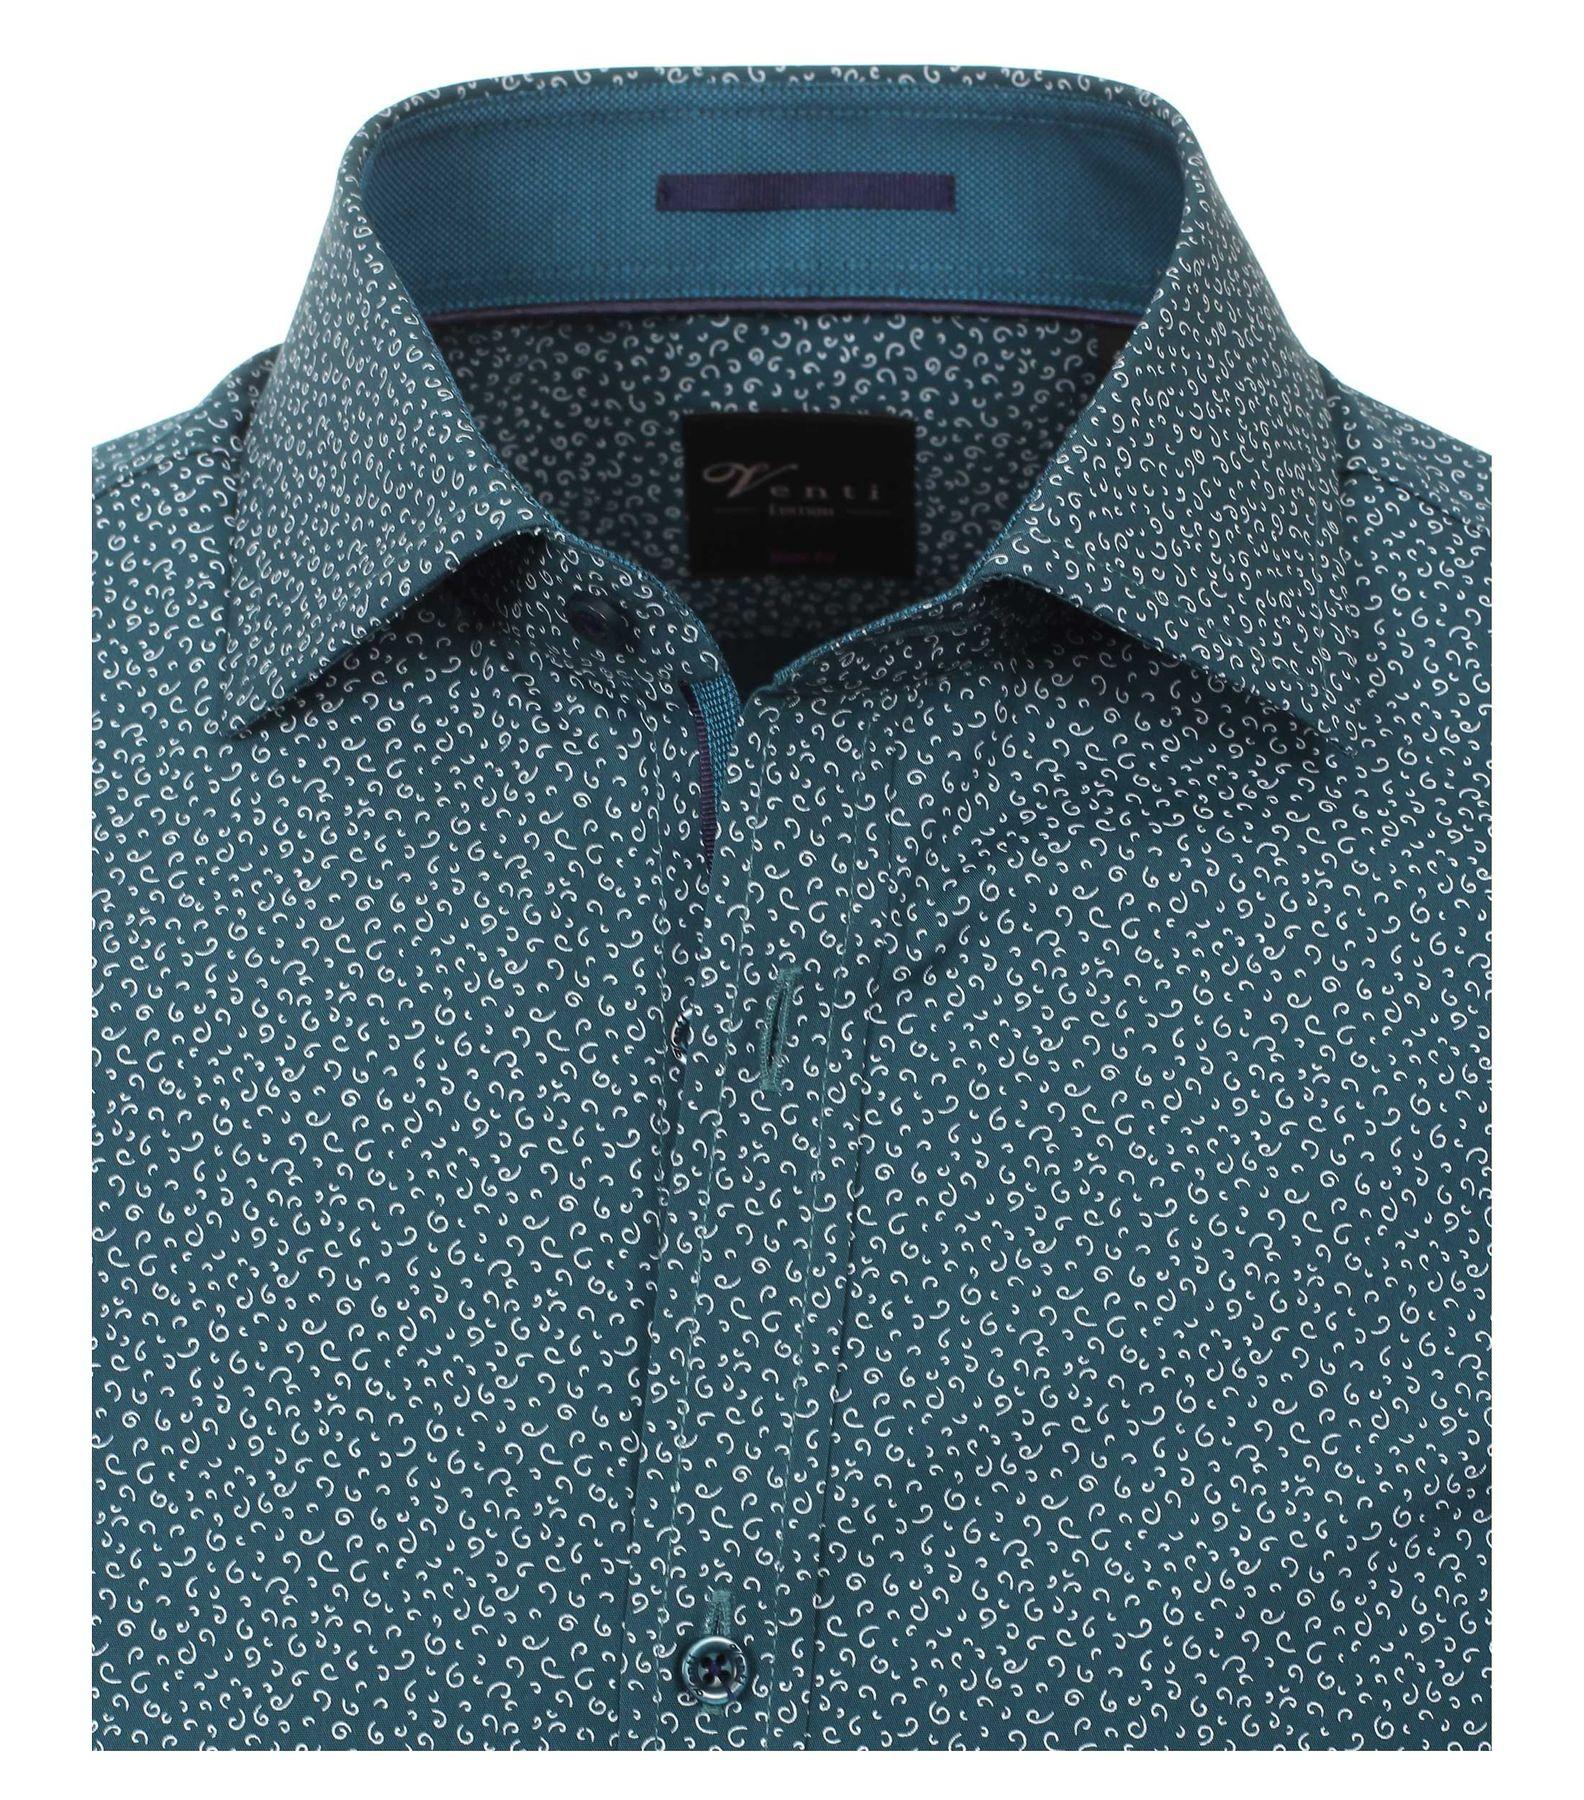 Venti - Body Fit - Herren Langarm Hemd aus 100% Baumwolle mit Kent Kragen und modischem Druck (162545400A) – Bild 7